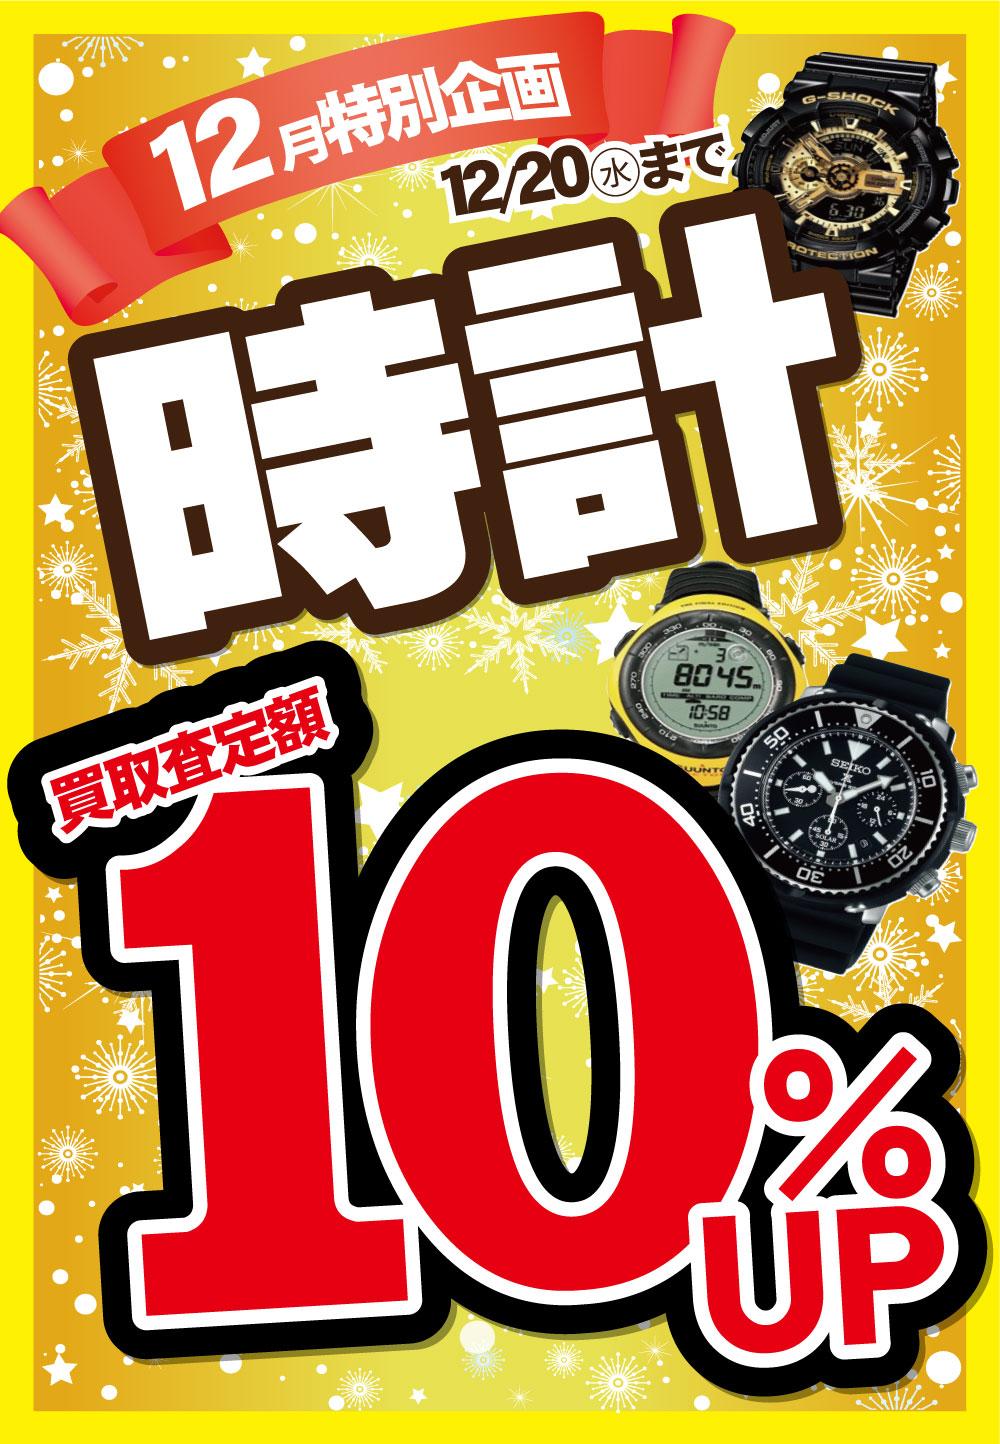 「開放倉庫山城店」古着館12月特別企画<時計買います!>12/20(水)まで買取査定額10%UP!!